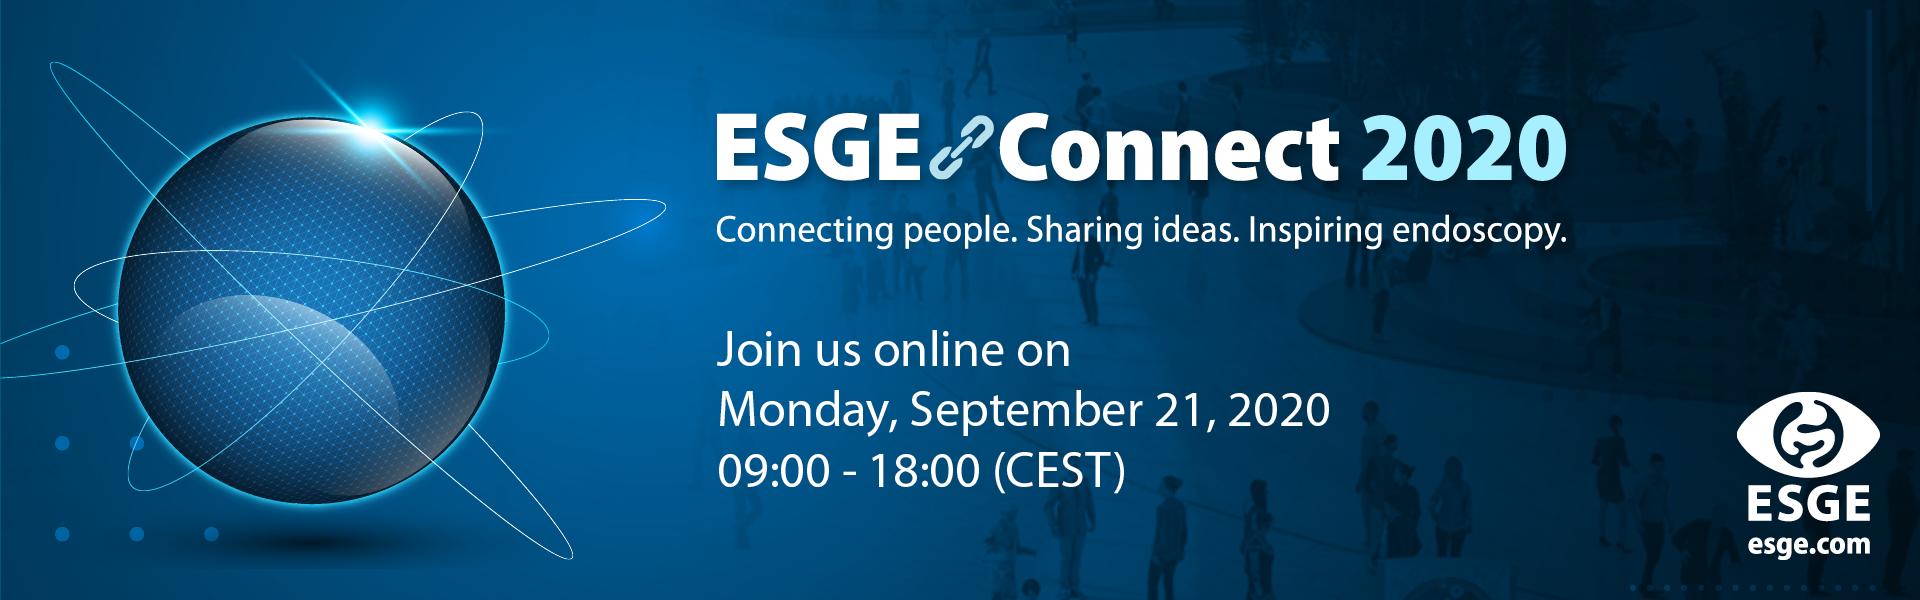 ESGE Connect 2020